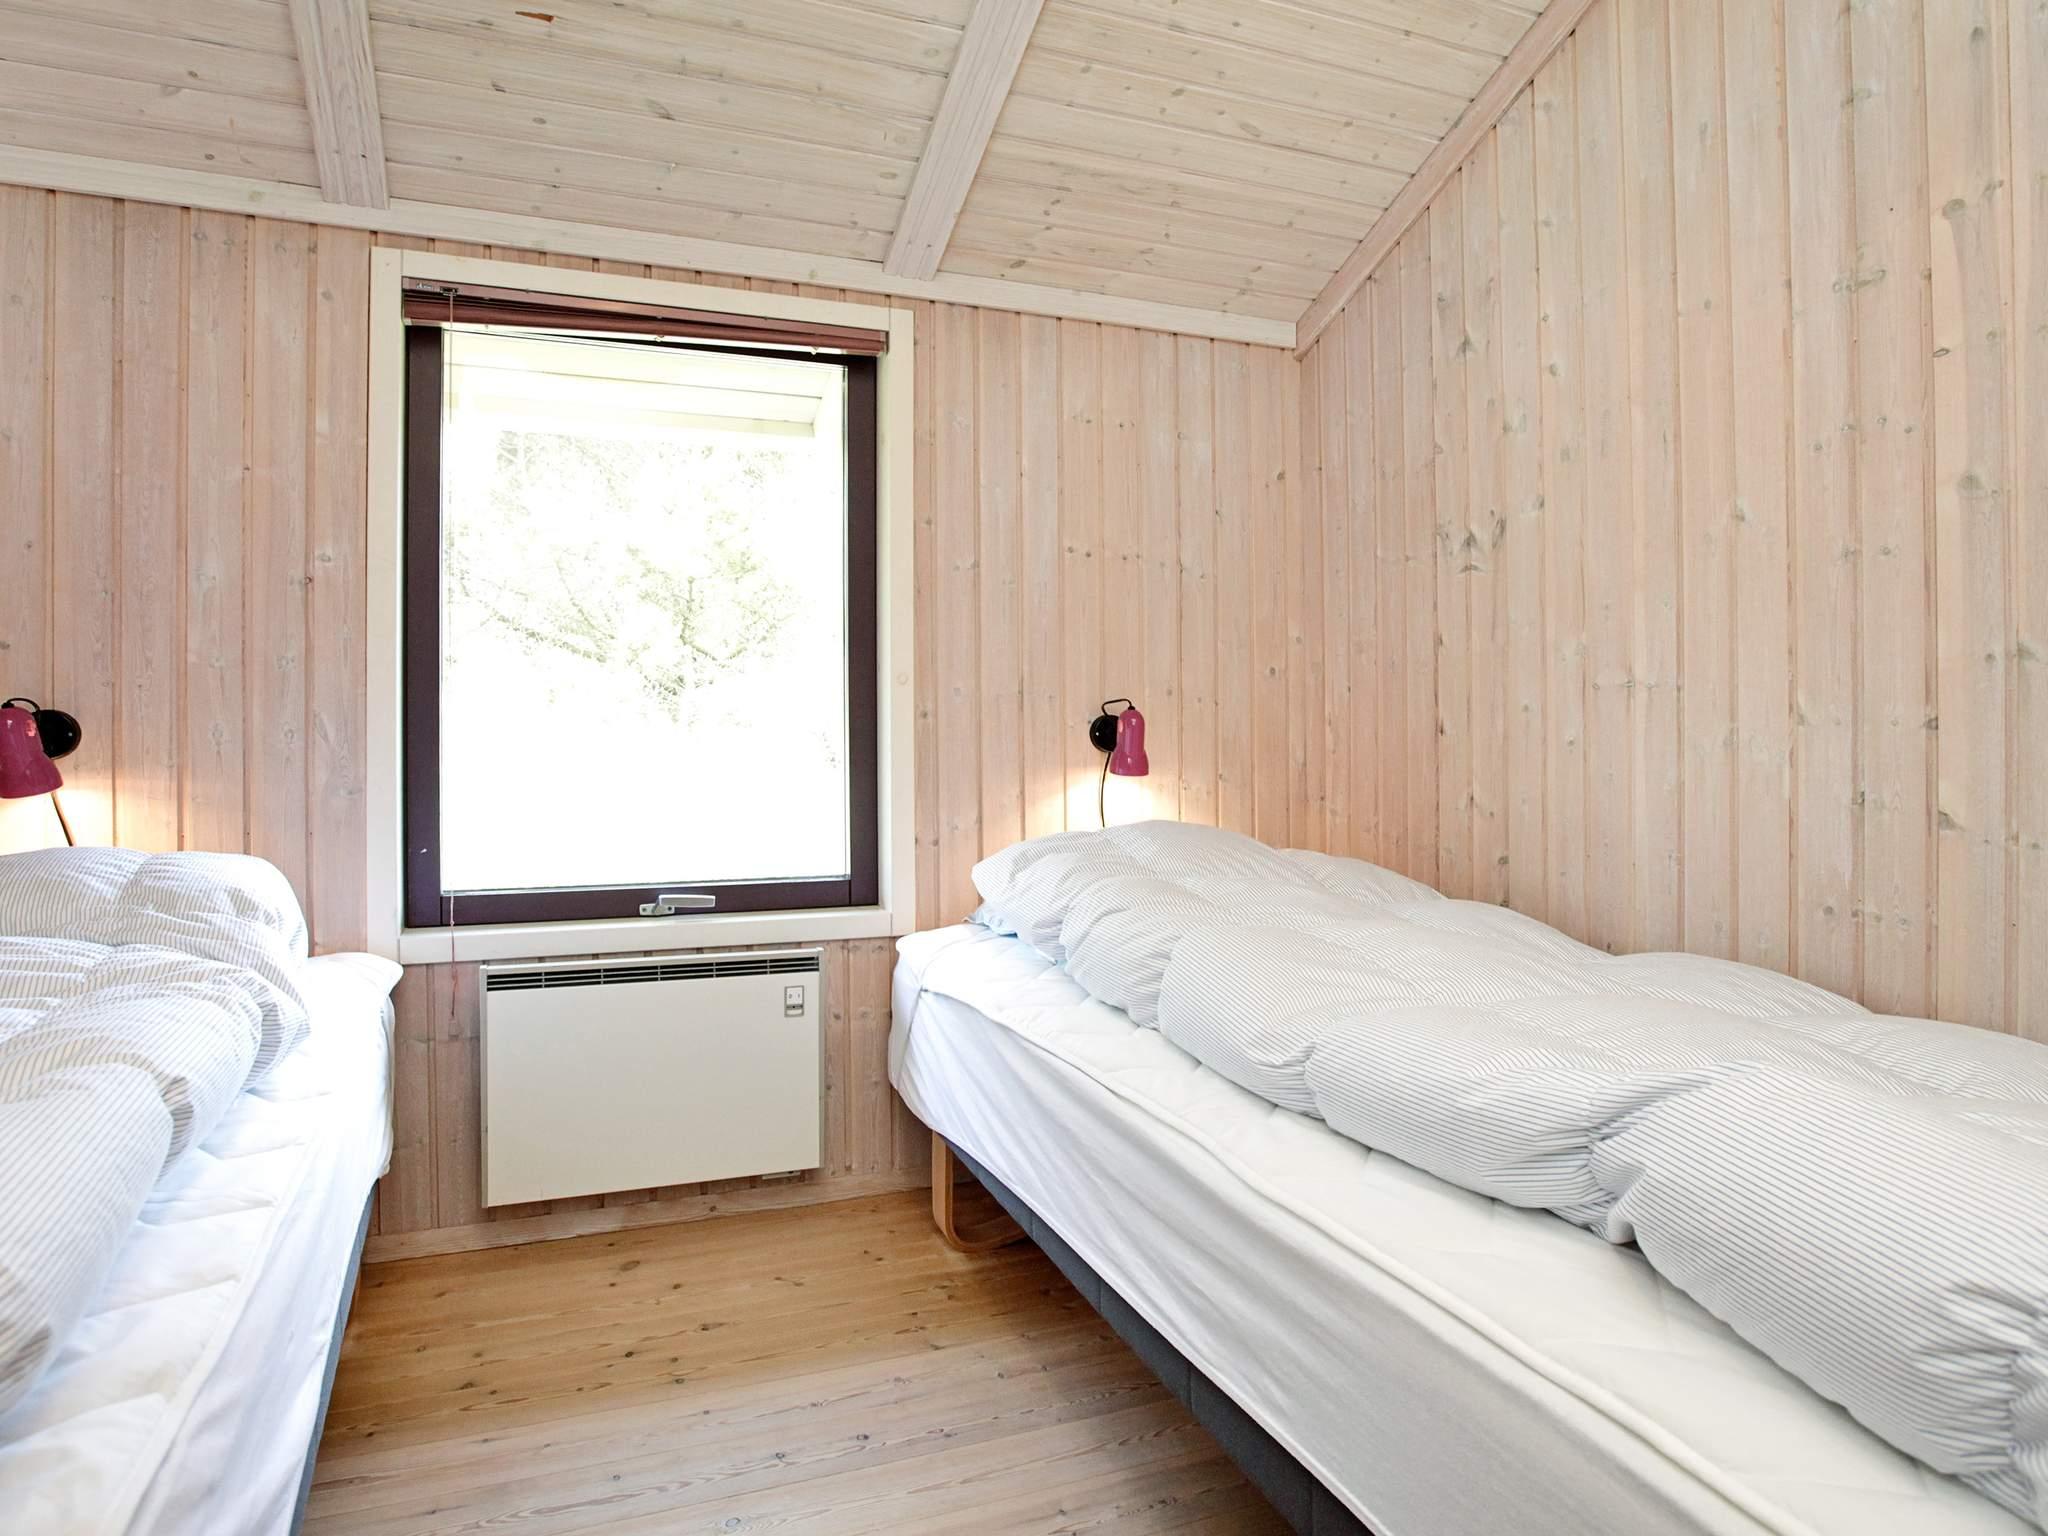 Ferienhaus Grærup (88338), Grærup, , Westjütland, Dänemark, Bild 13